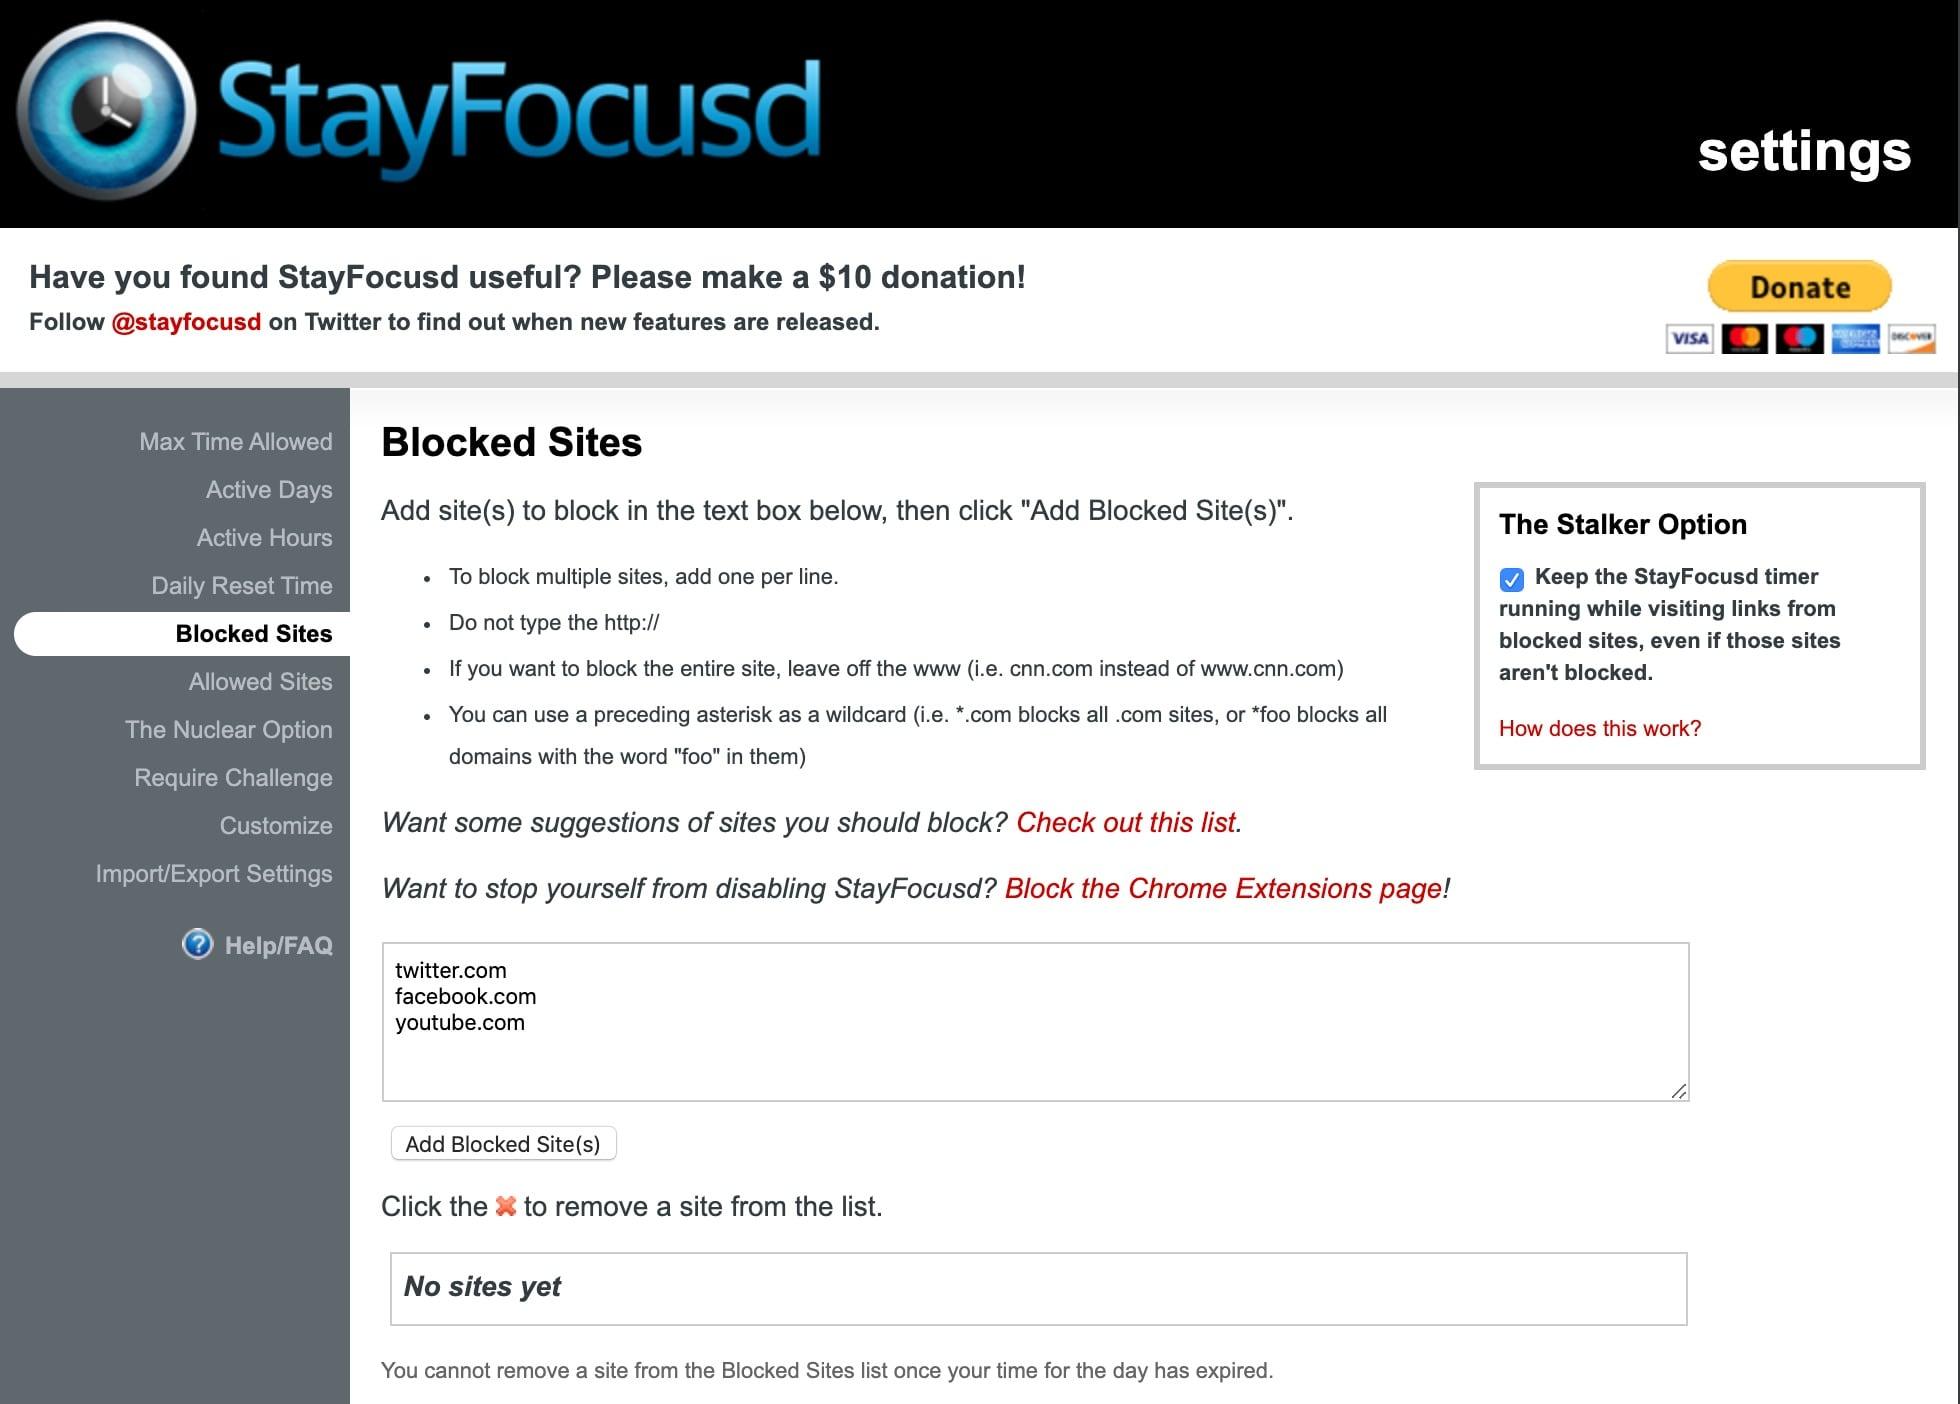 stayfocused3.jpg